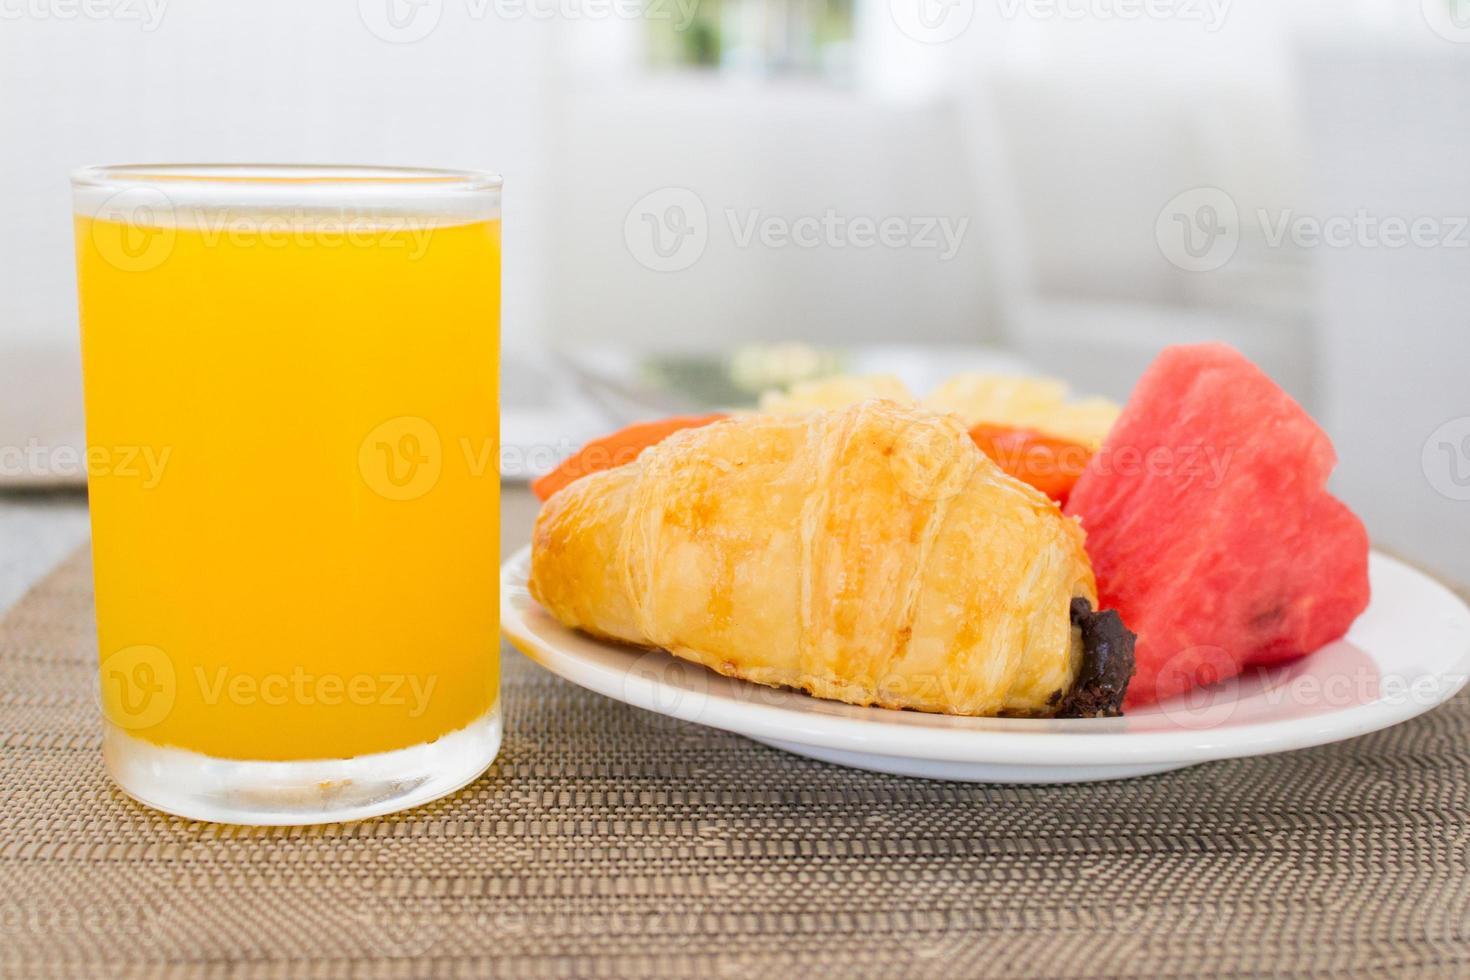 desayuno con zumo de naranja, croissant y frutas foto